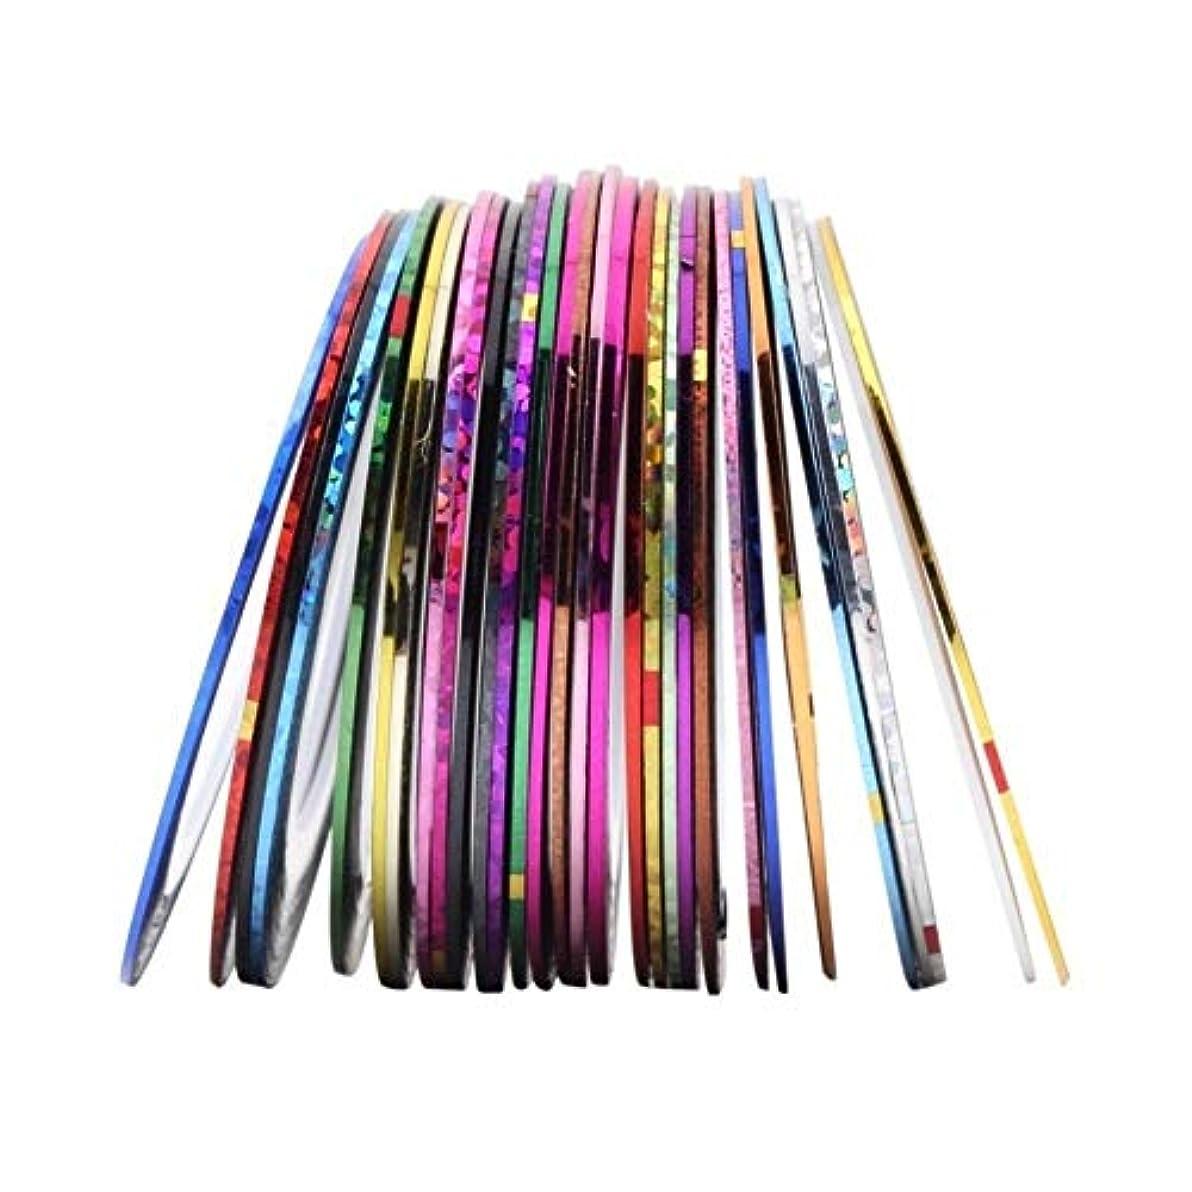 しない満了手書きビューティフル 女性 38色セット ネイルアート用 ラインテープ シート ジェルネイル用 マニキュア セット ジェルネイル アート用ラインテープ 専用ケース